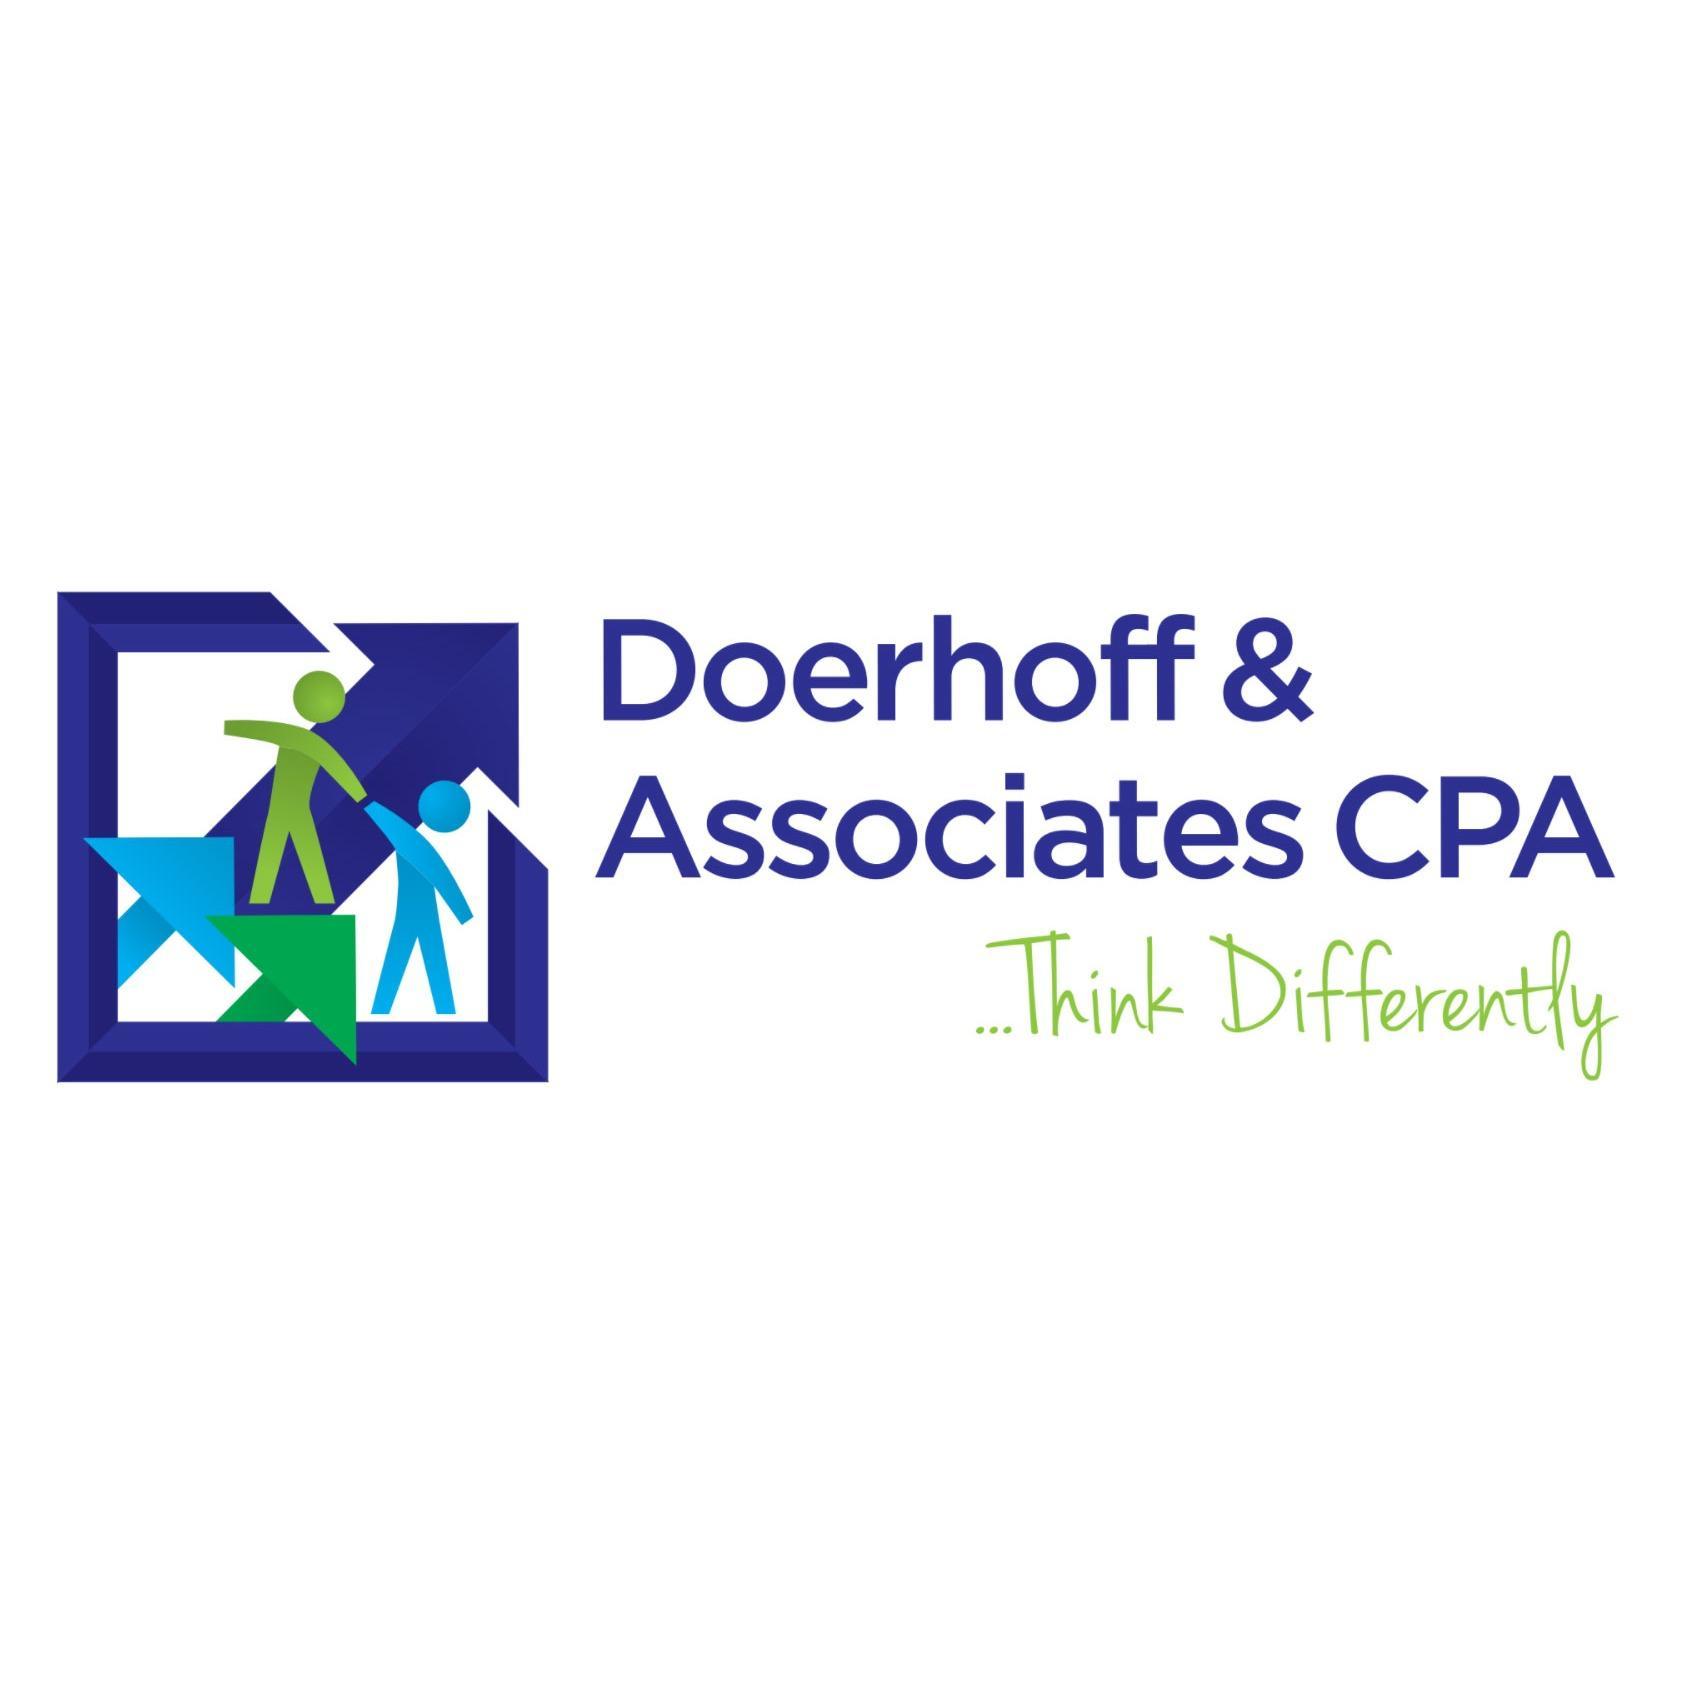 Doerhoff & Associates CPA